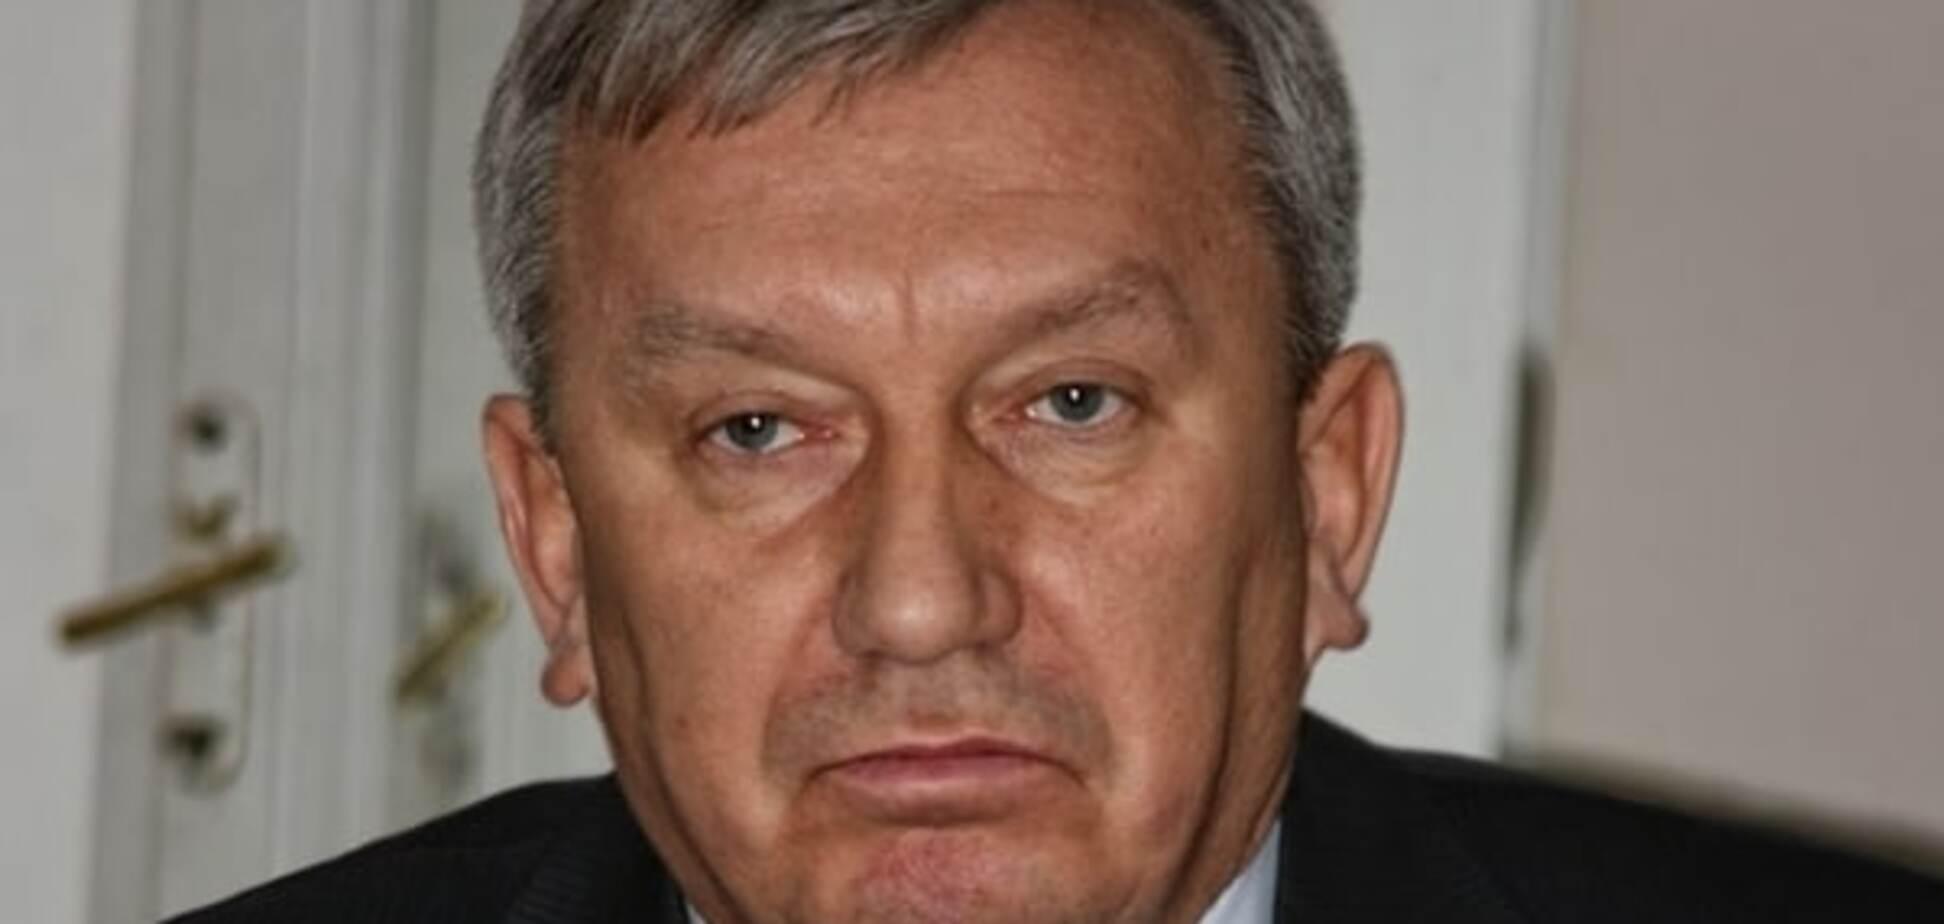 ЗМІ розповіли про кримінальне минуле побитого Парасюком СБУшника